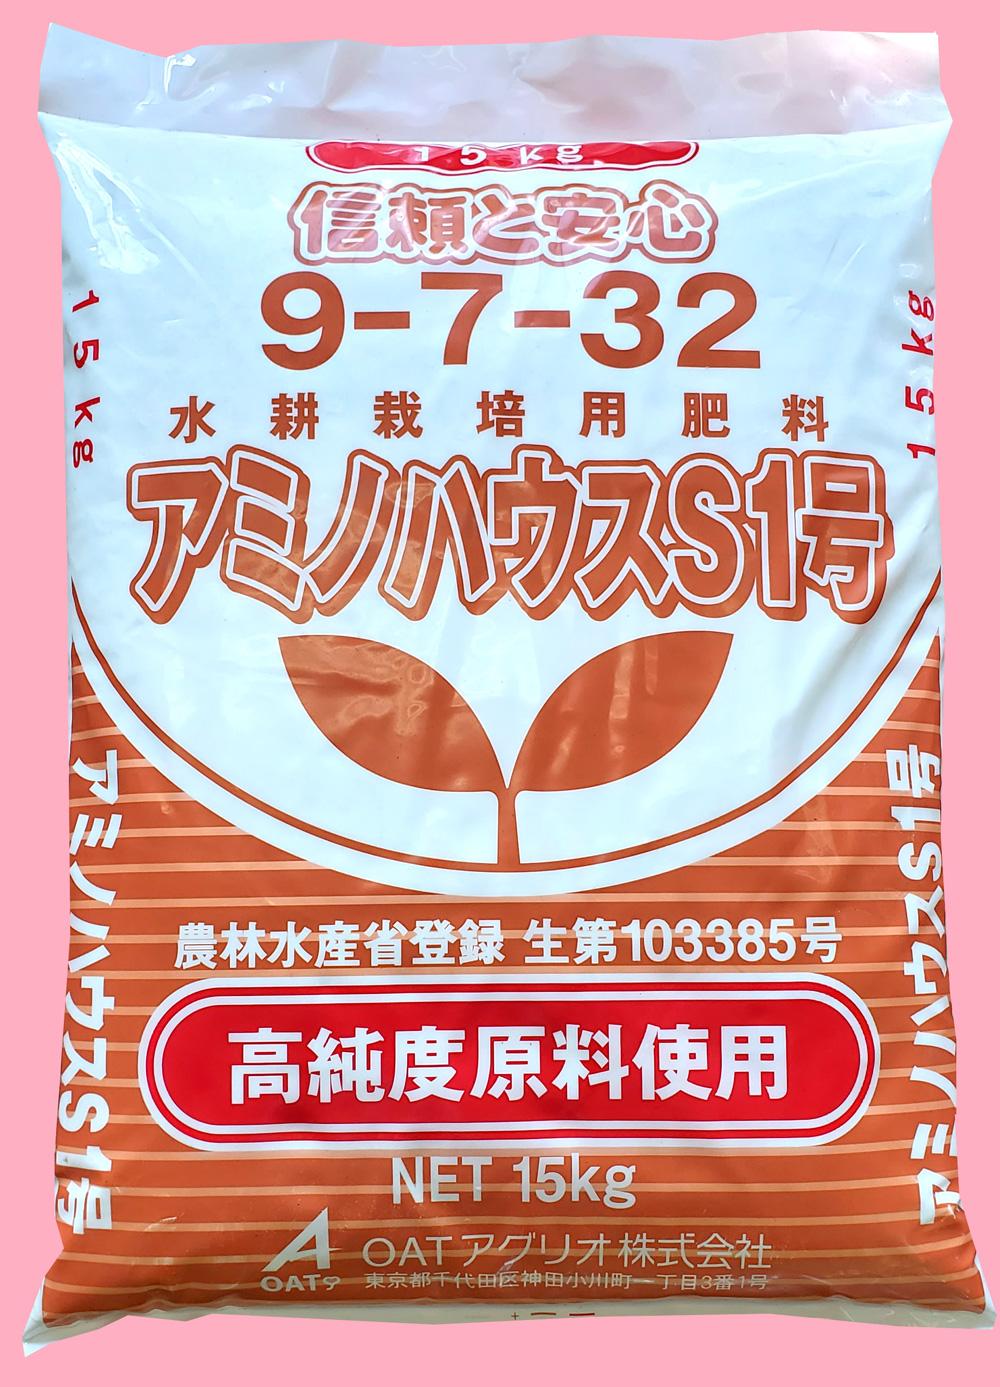 アミノハウス肥料S1号 農薬通販jp